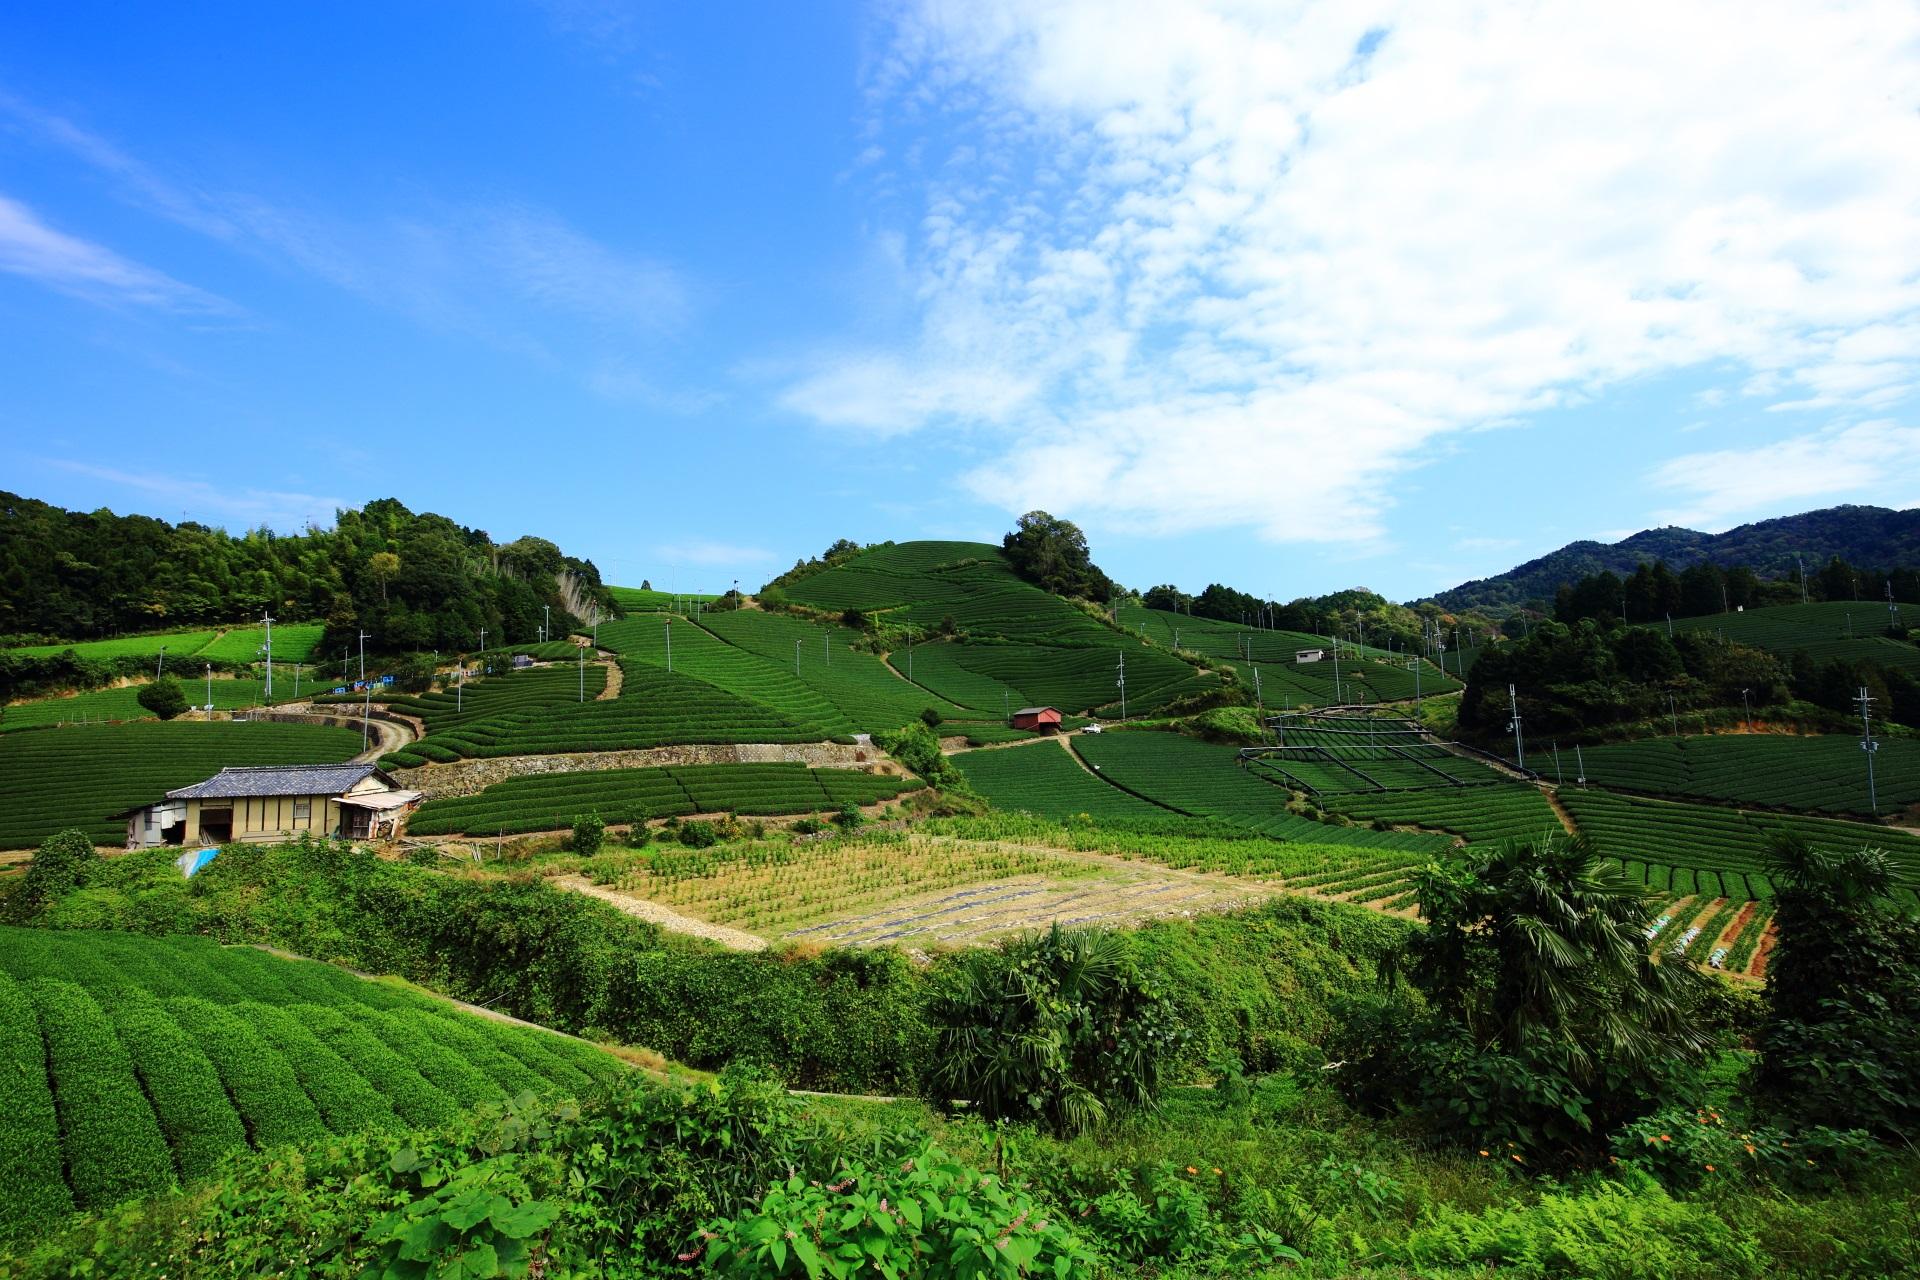 場所を移動すると見え方も違ってくる和束町石寺の茶畑